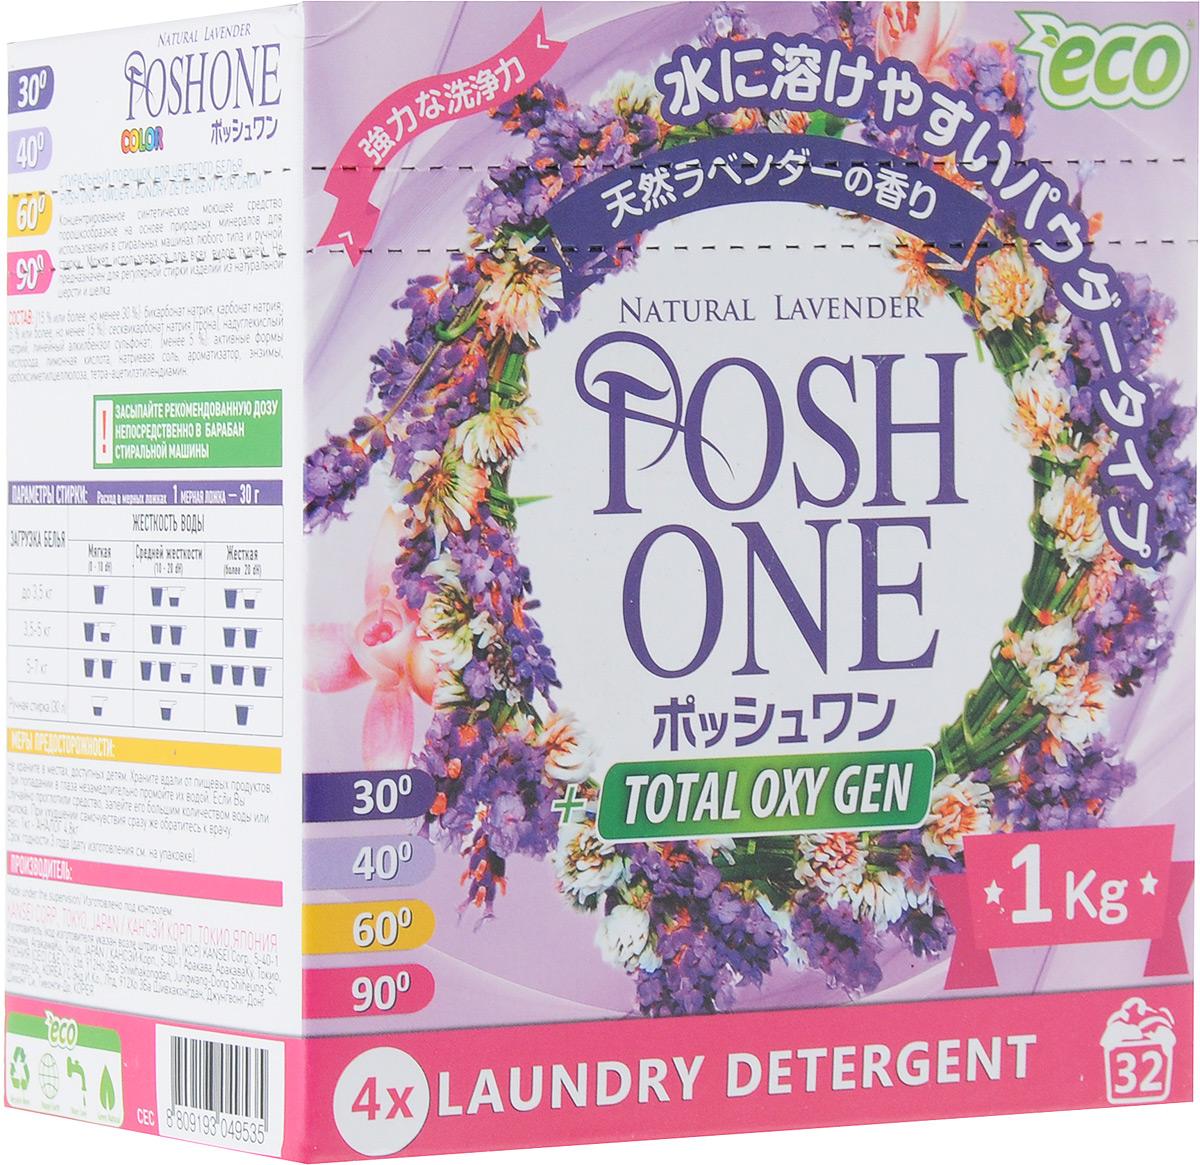 Порошок стиральный Posh One Eco, концентрат, для цветного белья, 1 кгBH-UN0502( R)Концентрированный стиральный порошок Posh One Eco подходит для стирки цветного белья в стиральных машинах любого типа. Подходит для ручной стирки. Не предназначен для регулярной стирки изделий из натуральной шерсти и шелка.Особенности порошка:- Не имеет в своем составе фосфаты, экологических отбеливателей, формальдегидов и хлора.- Не раздражает кожу.- Биоразлагаем более чем на 99%.- Не оставляет следов на белье.- Не токсичен.- Содержит биоферменты и активный кислород-активатор TAED.- Защищает нагревательный элемент стиральной машины от накипи.- Эффективен в холодной воде.- Легко справляется со сложными пятнами.Состав: 15% или более, но менее 30% бикарбонат натрия, карбонат натрия, 5% или более, но менее 15% секвикарбонат натрия (трона), надуглекислый натрий, линейный алкилбензол судьфонат, менее 5% активные формы кислорода, лимонная кислота, натриевая соль, ароматизатор, энзимы, карбоксиметилцеллюлоза, тетра-ацетилэтилендиамин,.Товар сертифицирован.